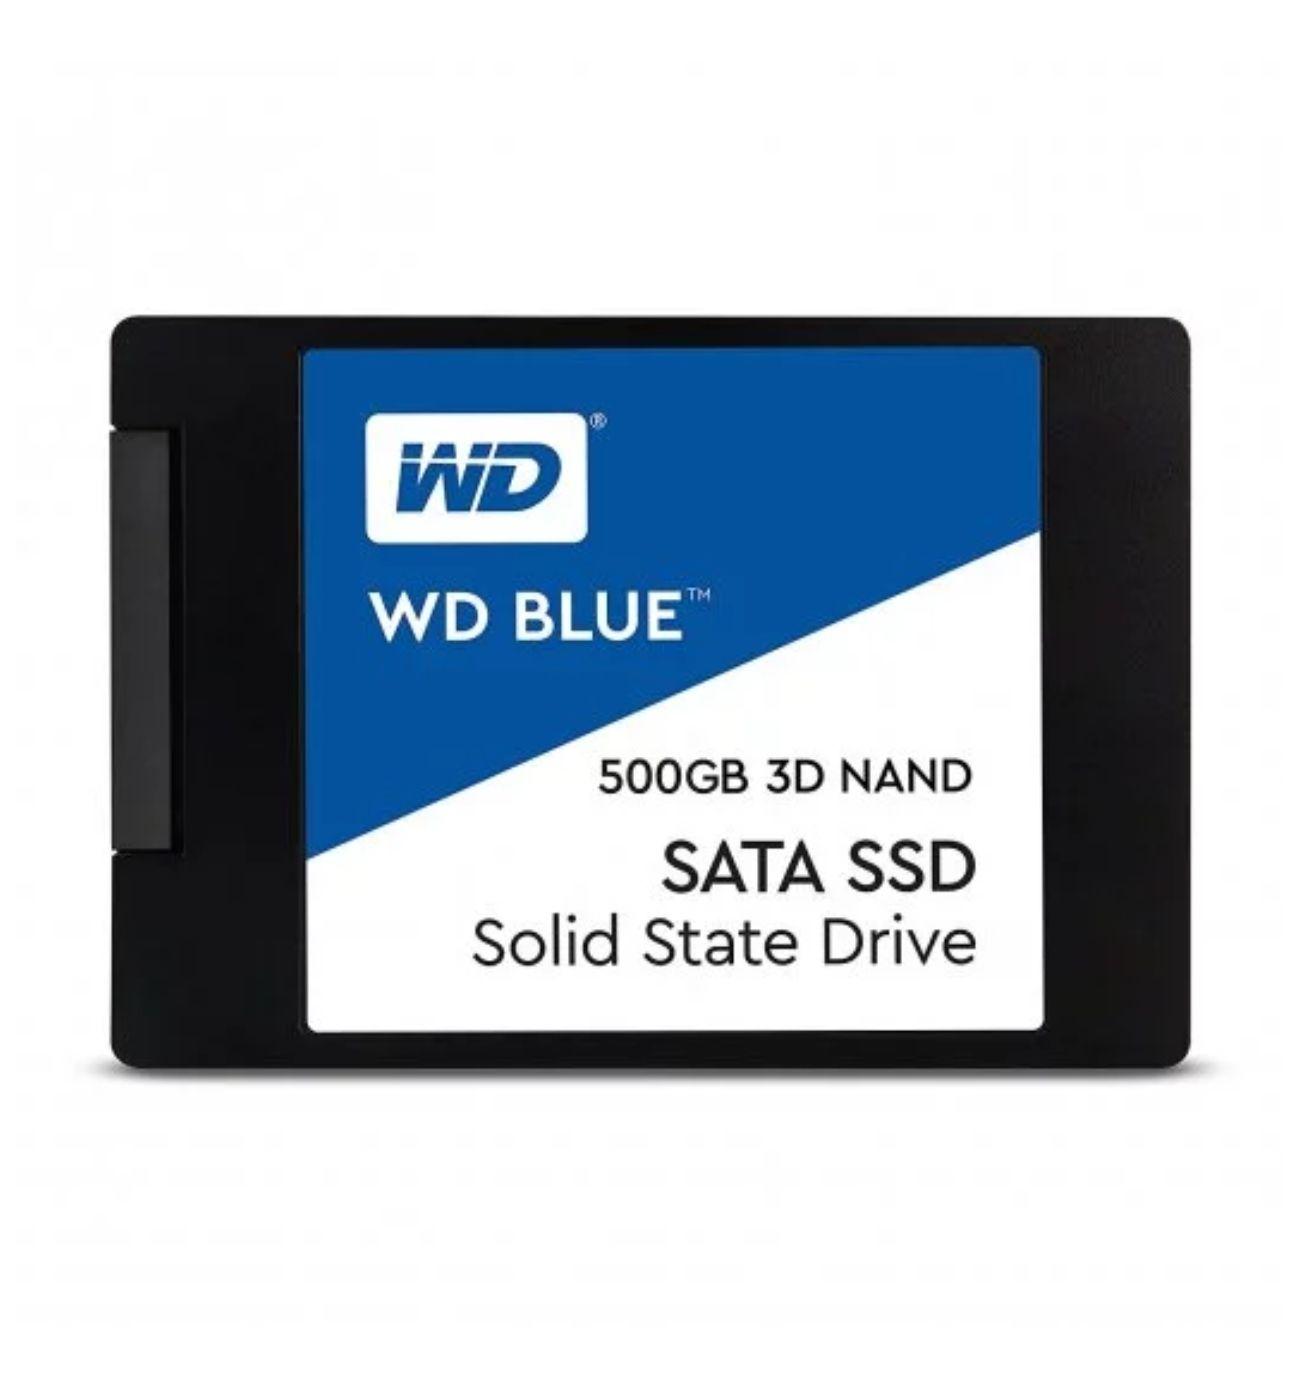 SSD 500GB WD Blue 3D Nand SATA